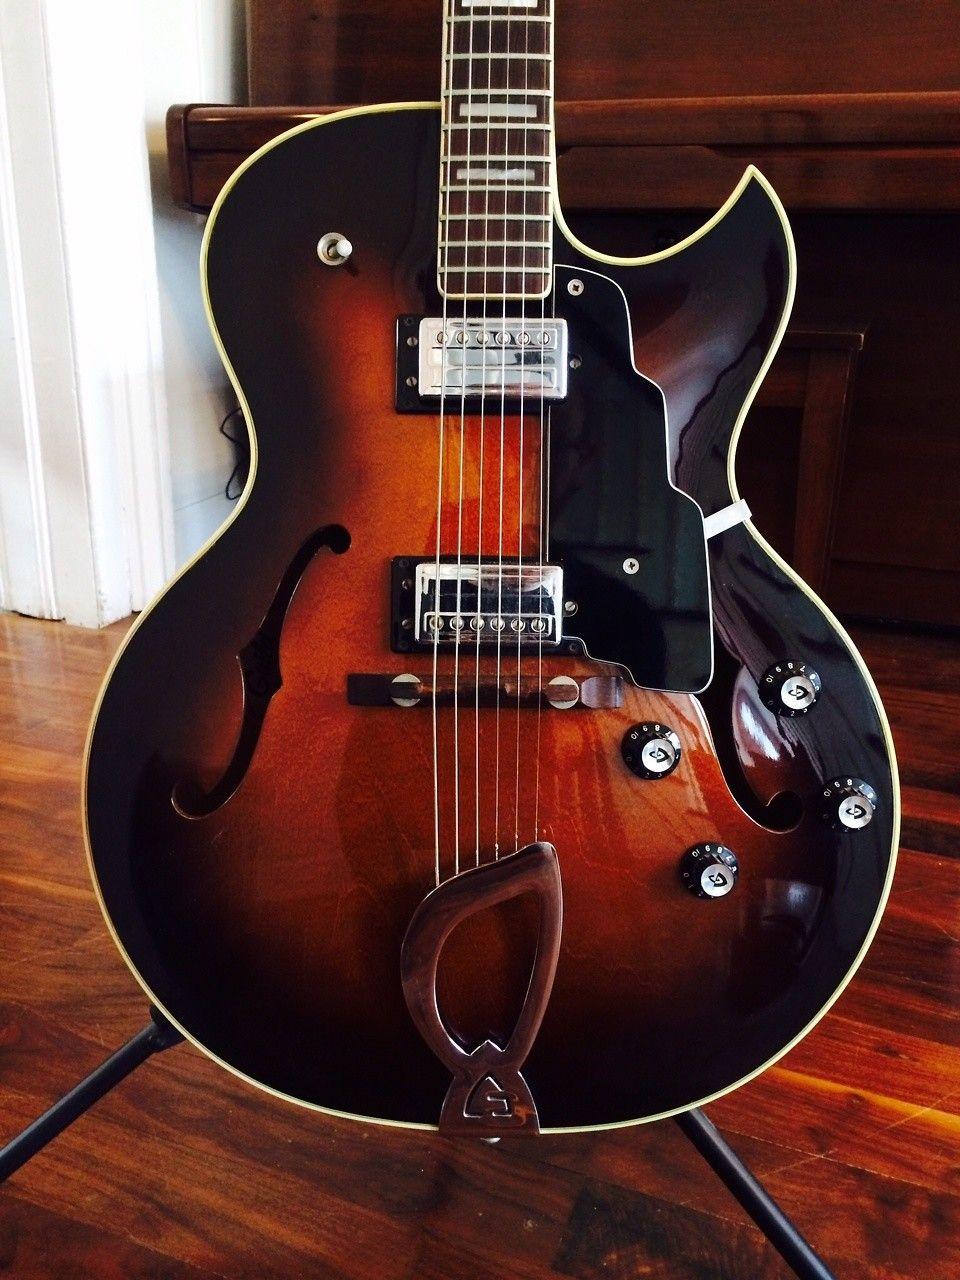 guild ce100d 1974 2 tone sunburst reverb guitars in 2019 vintage electric guitars guild. Black Bedroom Furniture Sets. Home Design Ideas